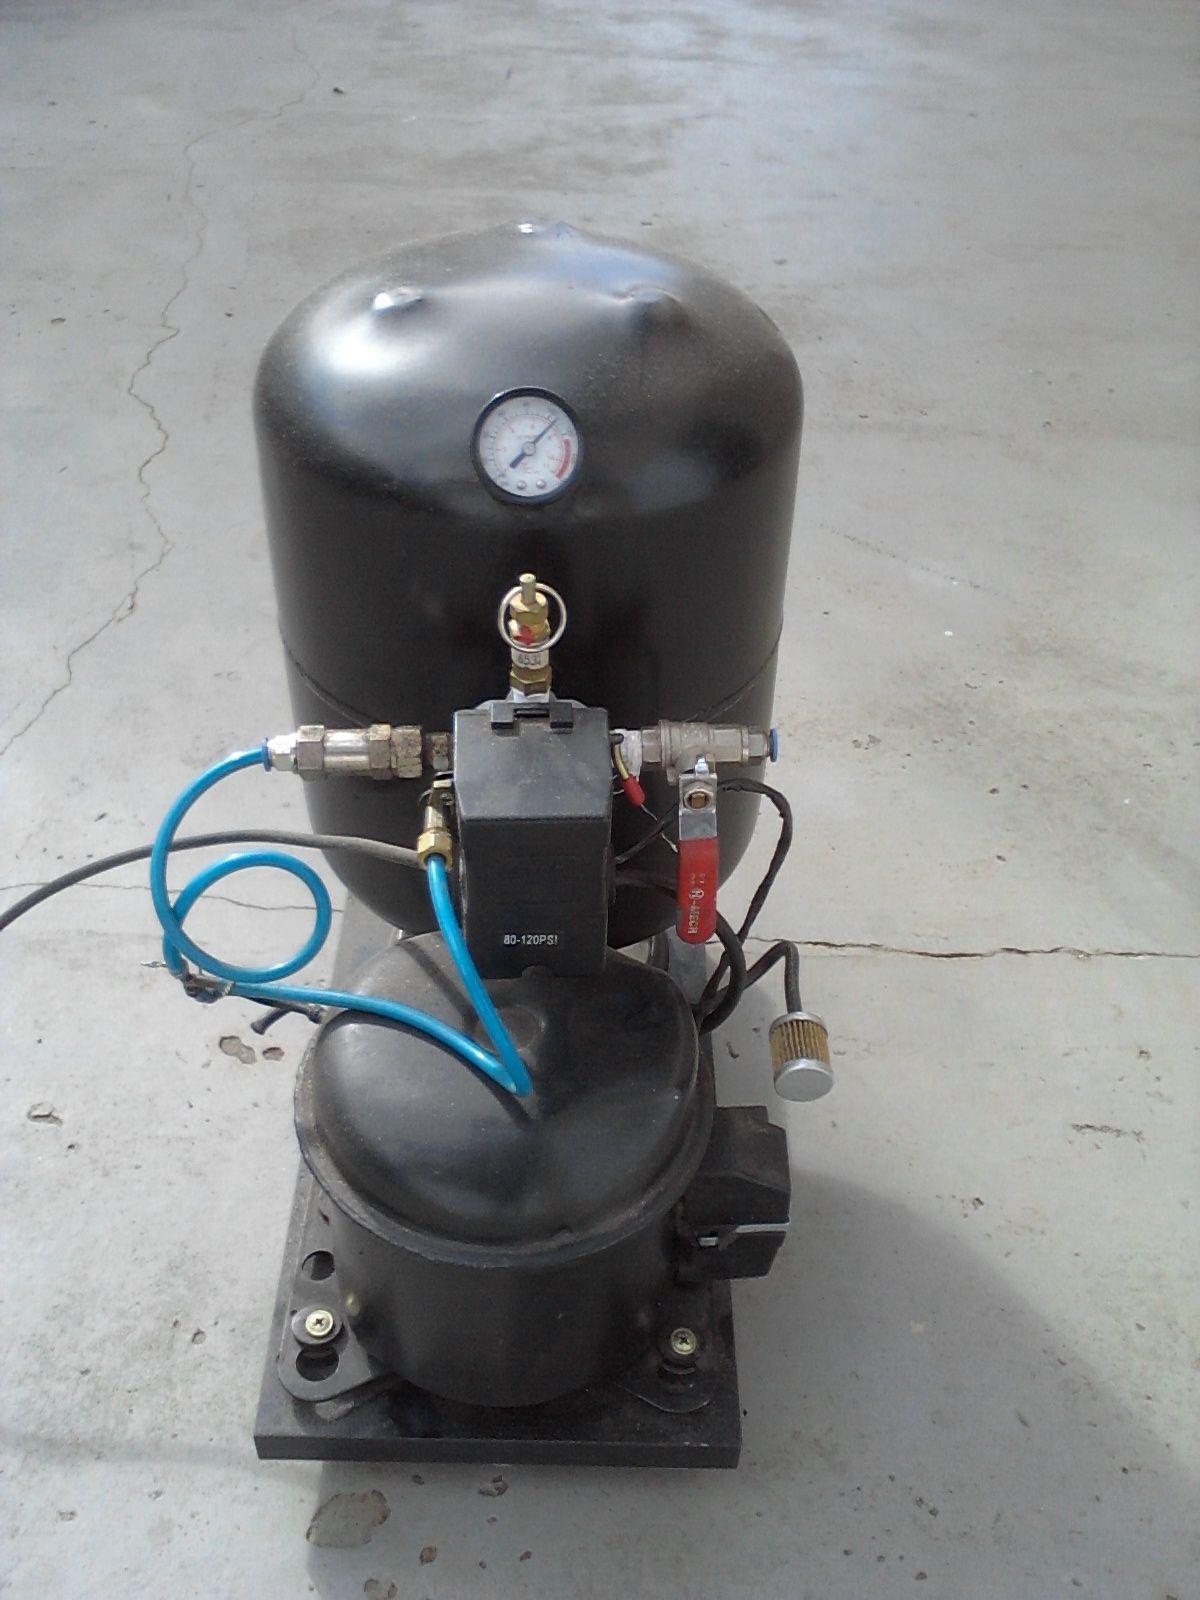 Compressor Caseiro Feito Com Motor De Geladeira E Cilindro De Gas